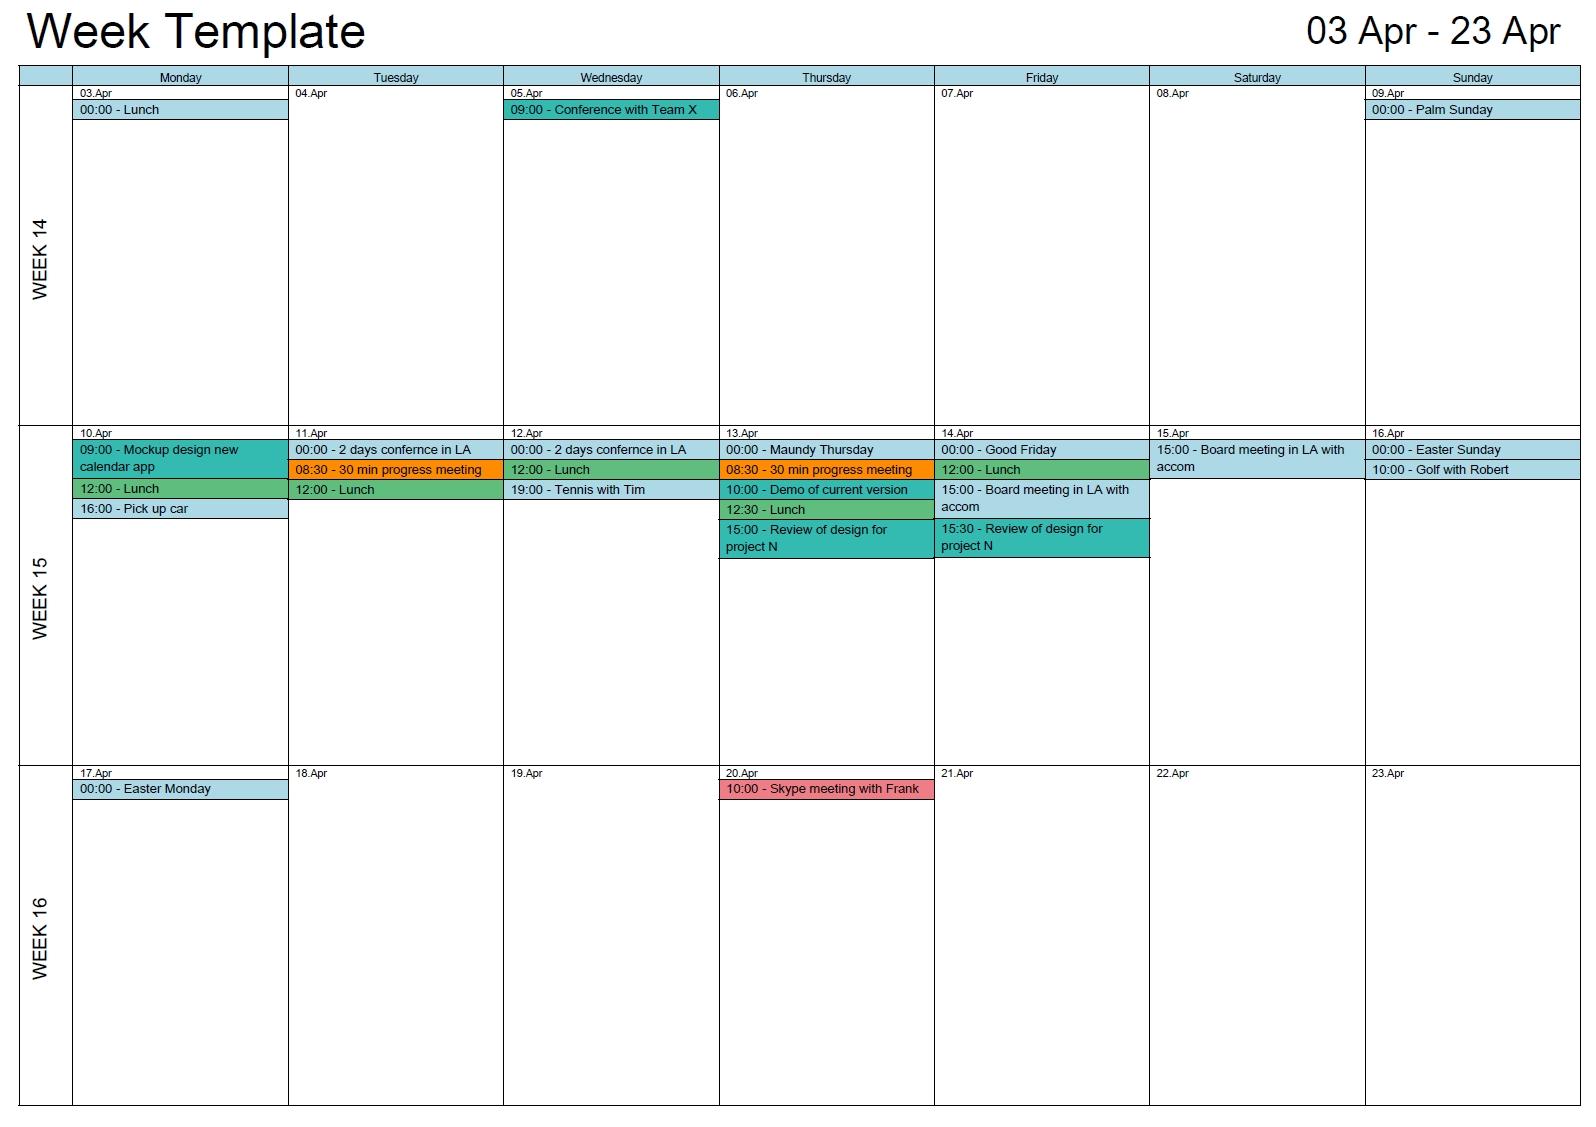 Outlook Calendar Print_Outlook Calendar Printing Tools